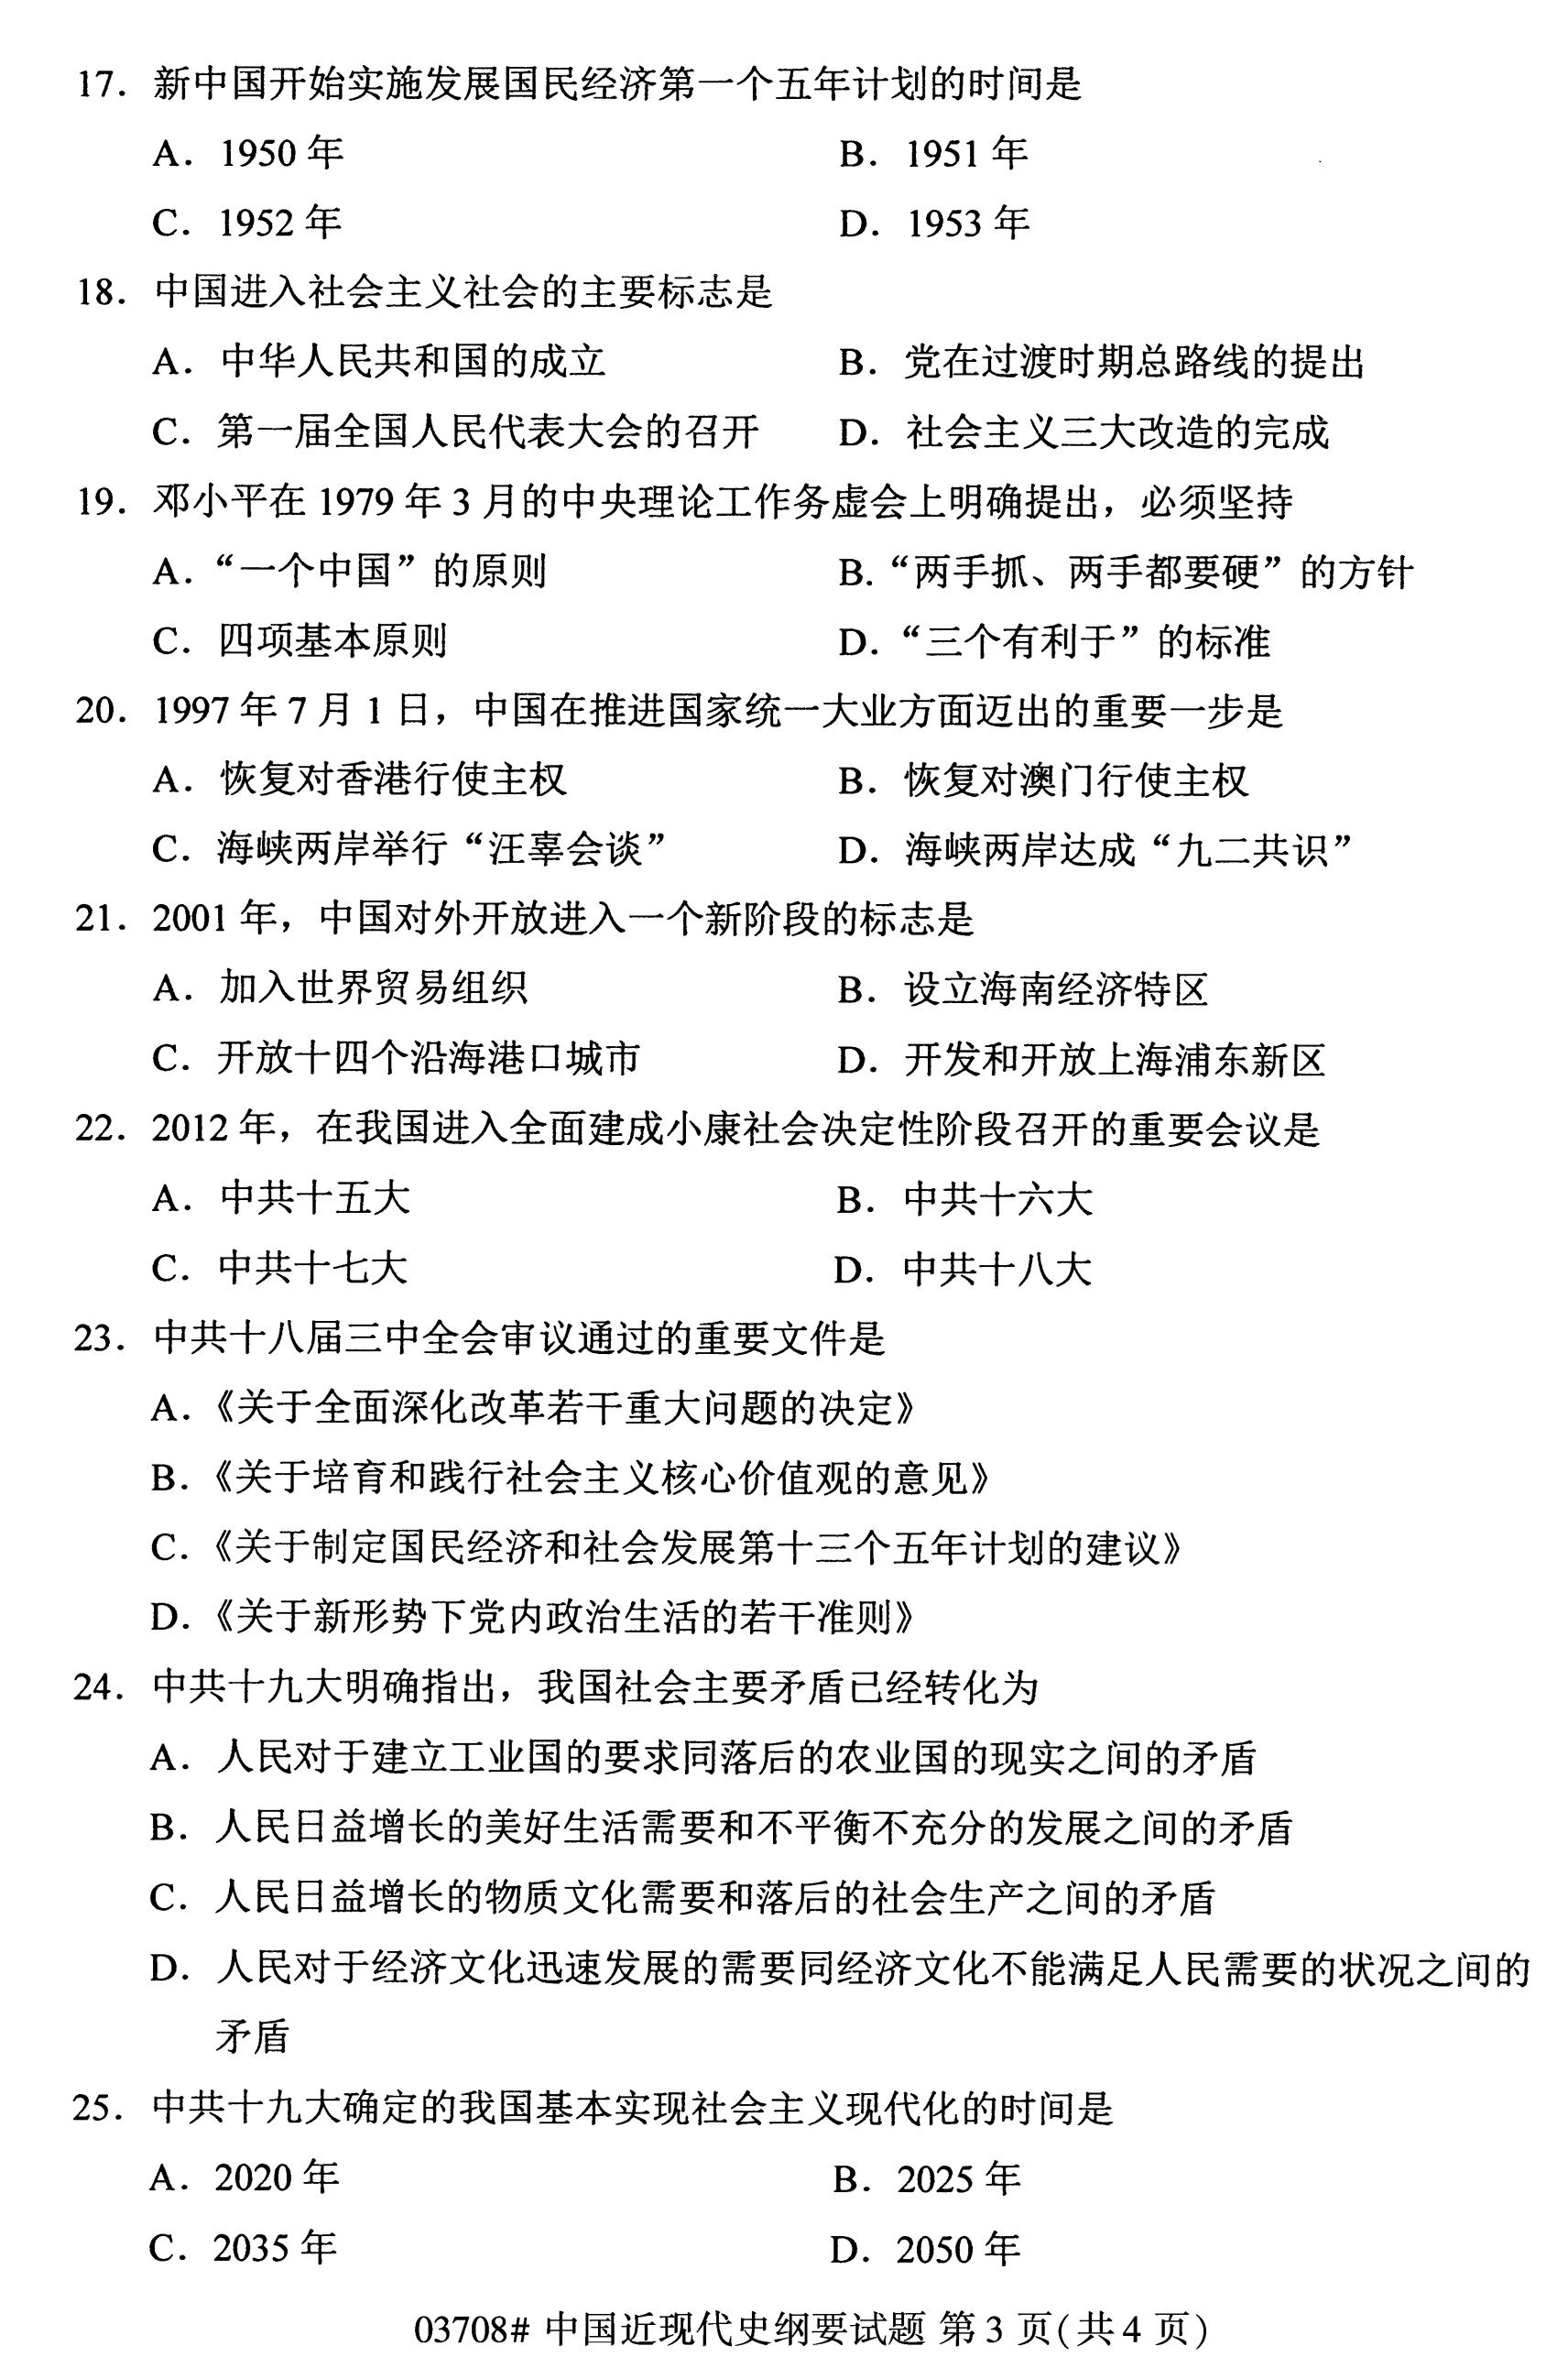 全國2020年10月自學考試試題:03708中國近現代史綱要試題